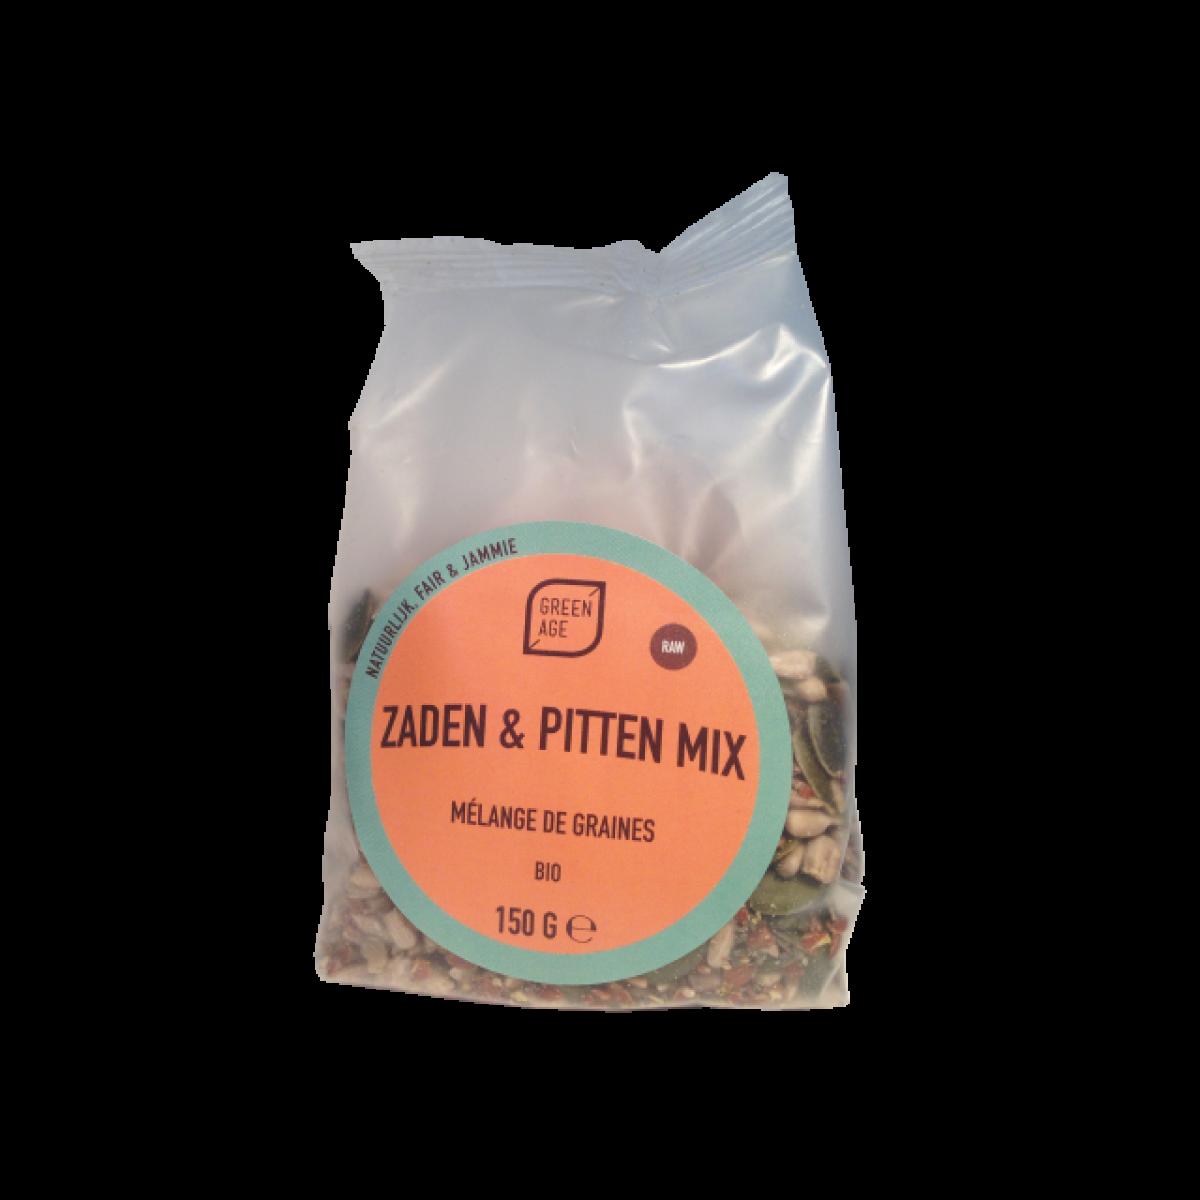 Zaden & Pitten Mix